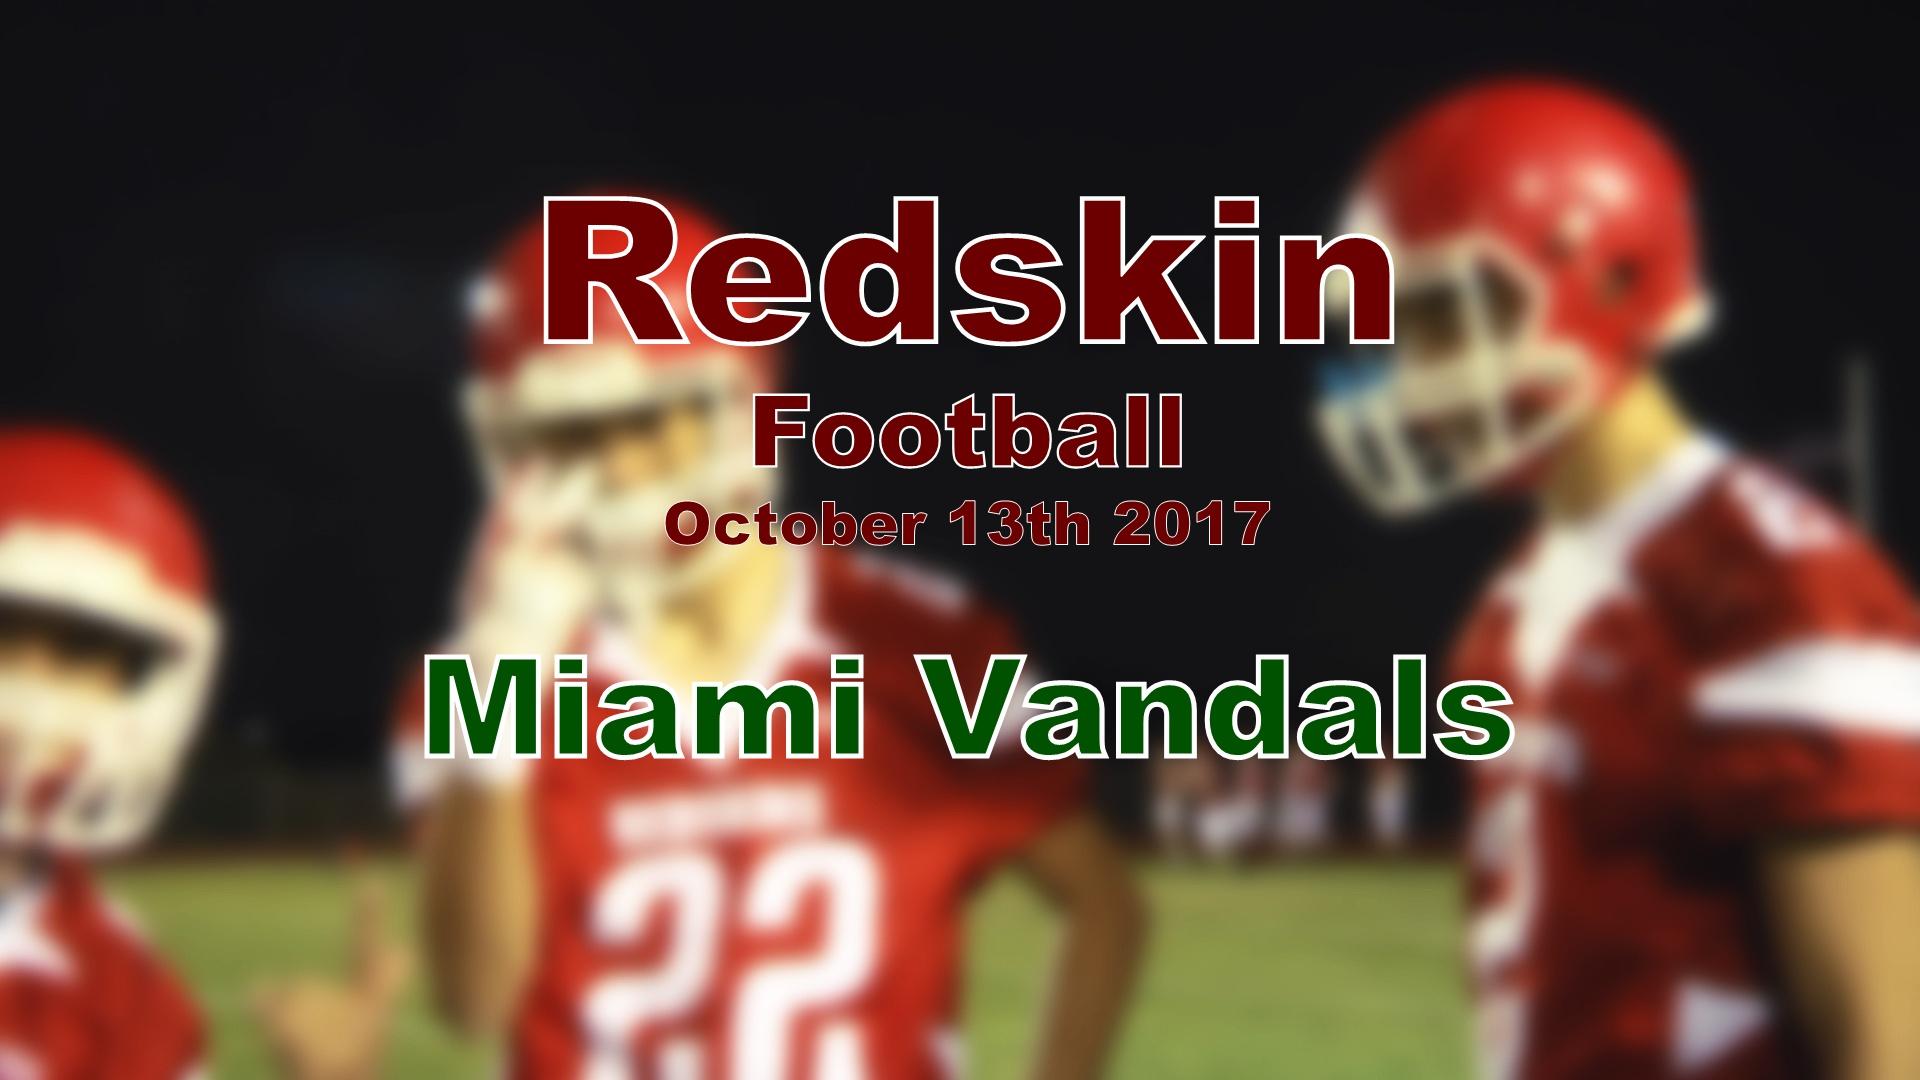 2017 Football - Miami